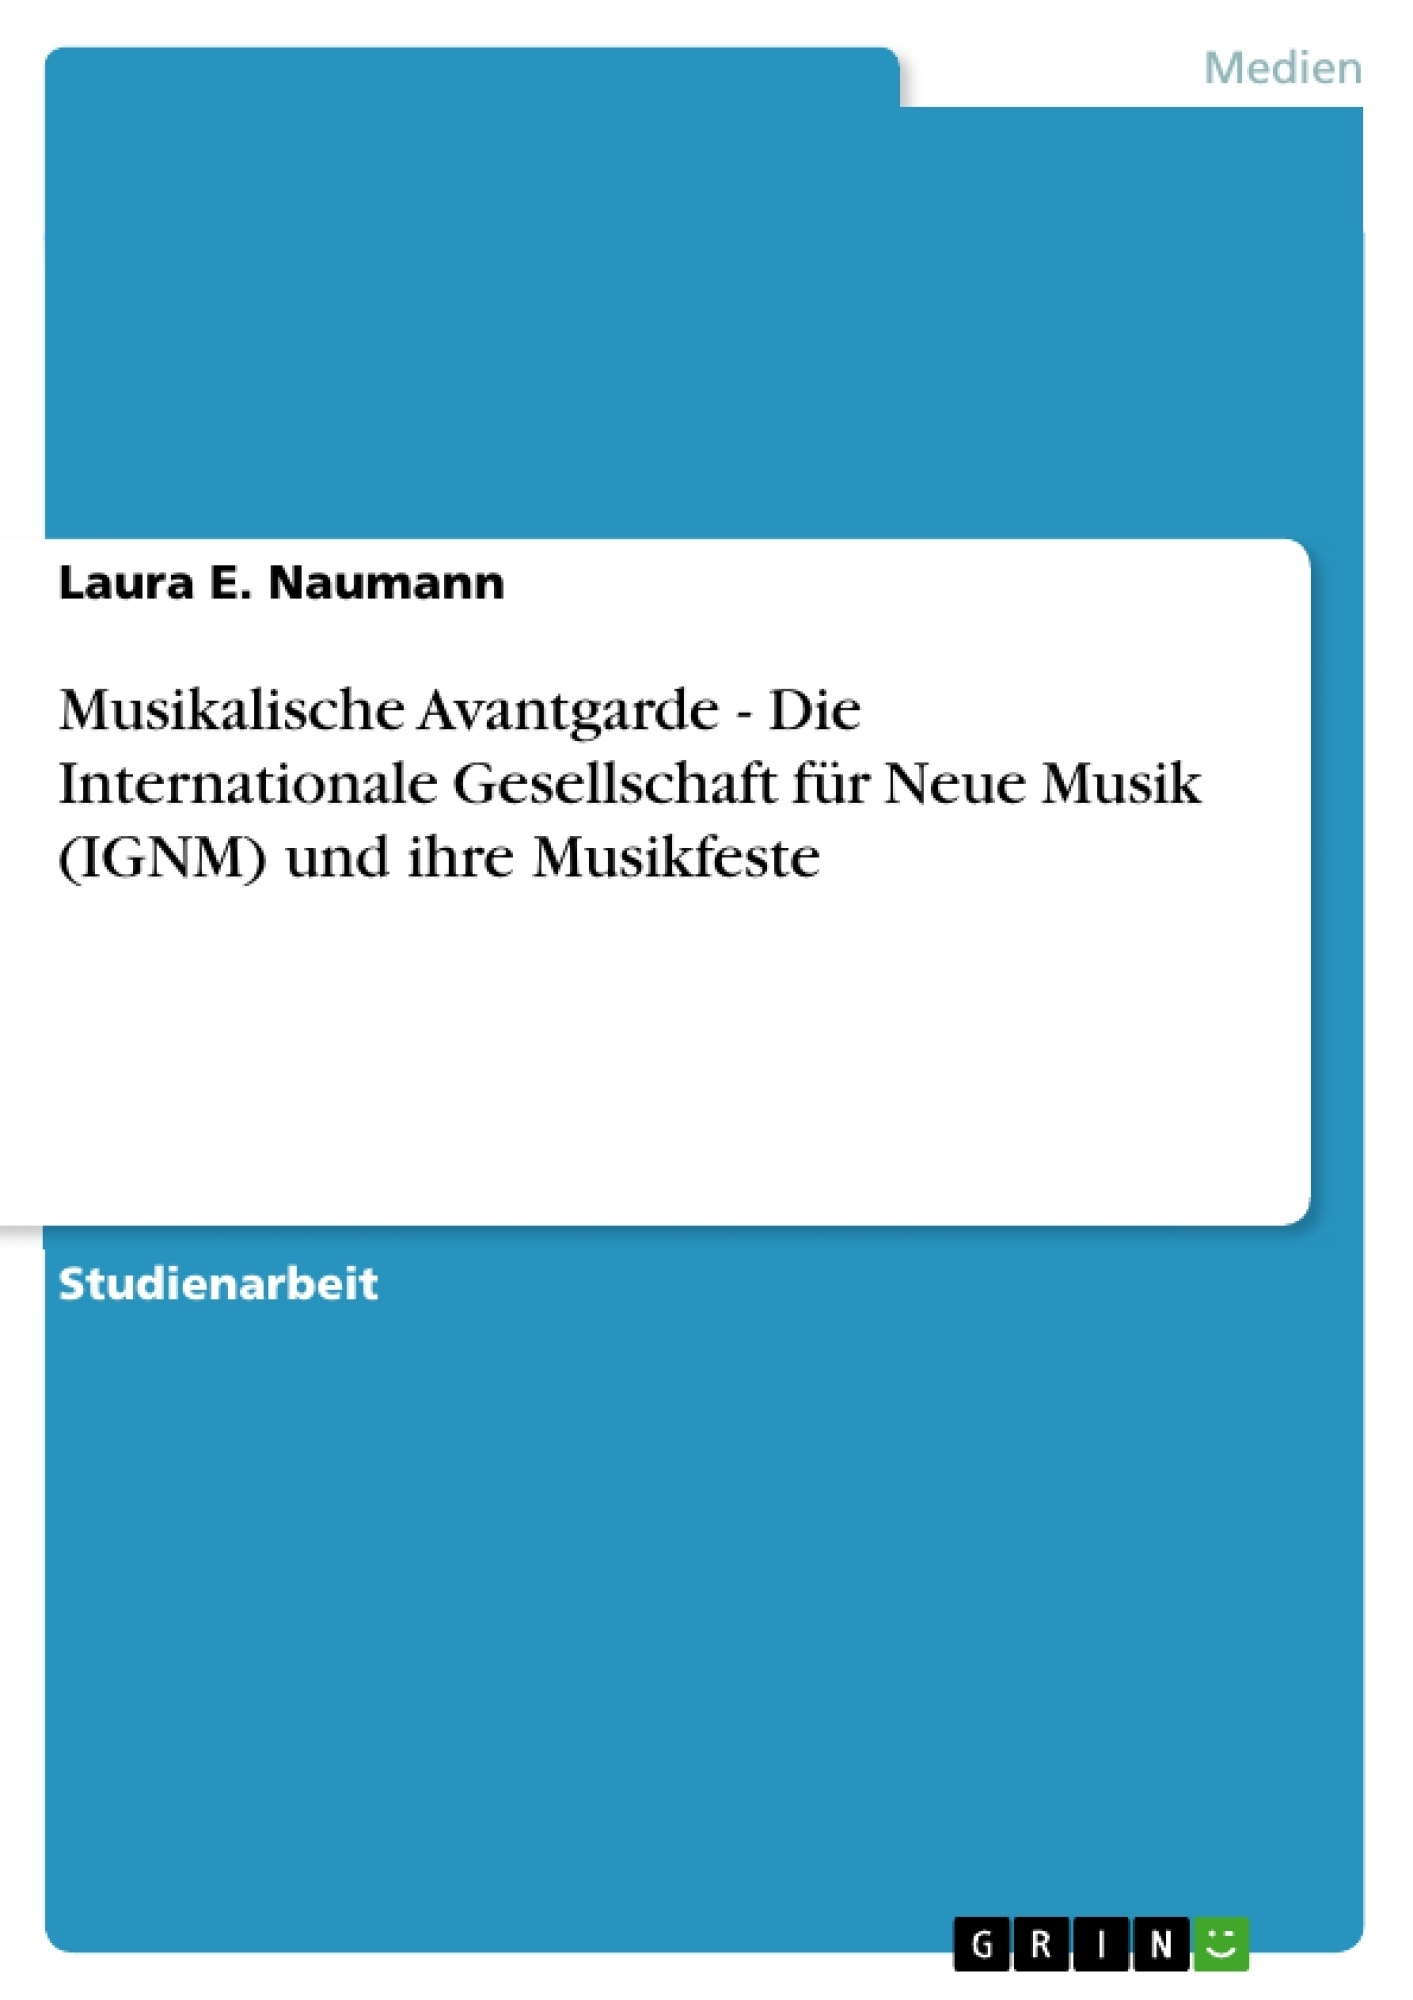 Titel: Musikalische Avantgarde - Die Internationale Gesellschaft für Neue Musik (IGNM) und ihre Musikfeste